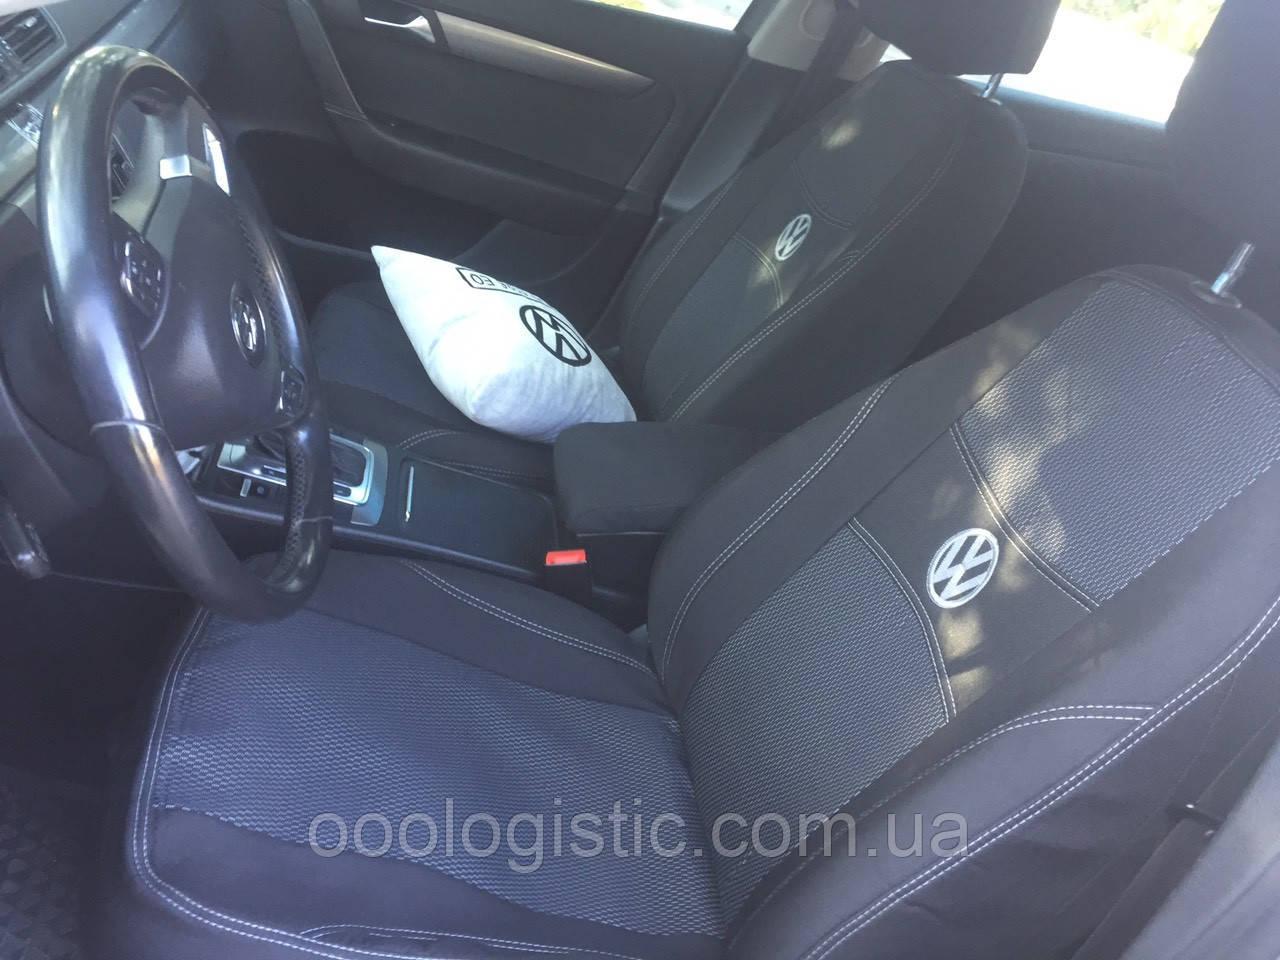 Авточехлы на Volkswagen Caddy 3 2004-2010, от 2010 года  , 7 мест Nika